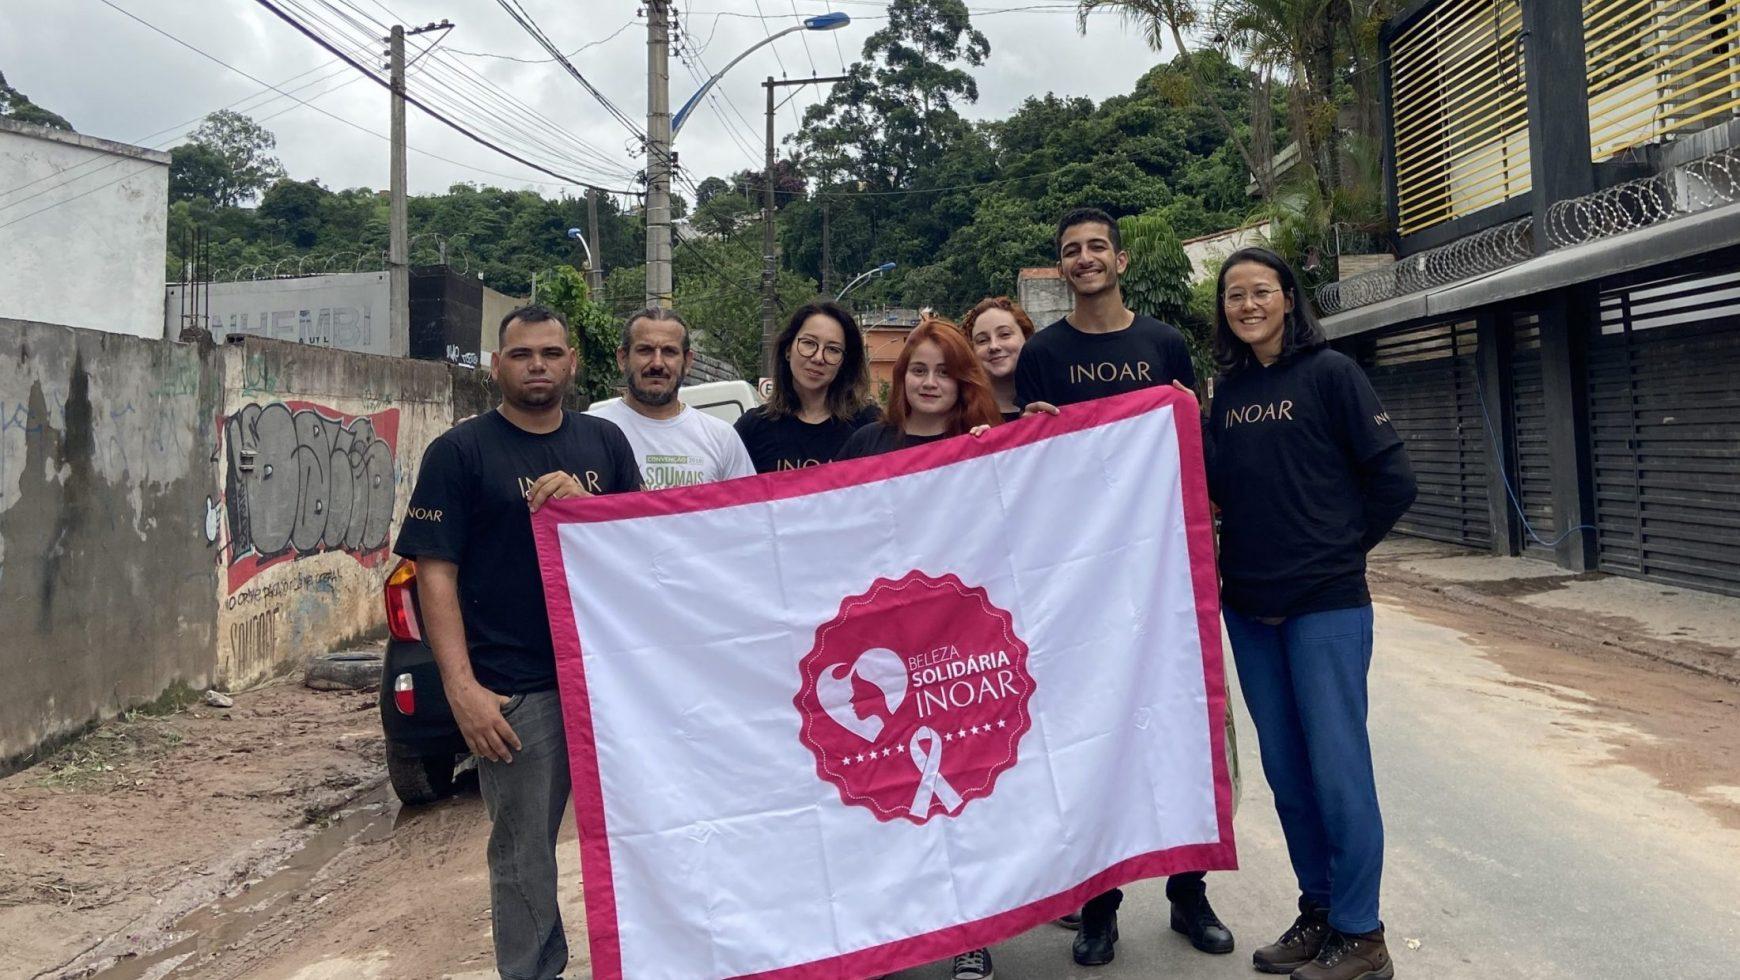 Beleza Solidária realiza ação para prestar auxílio a moradores de Taboão da Serra